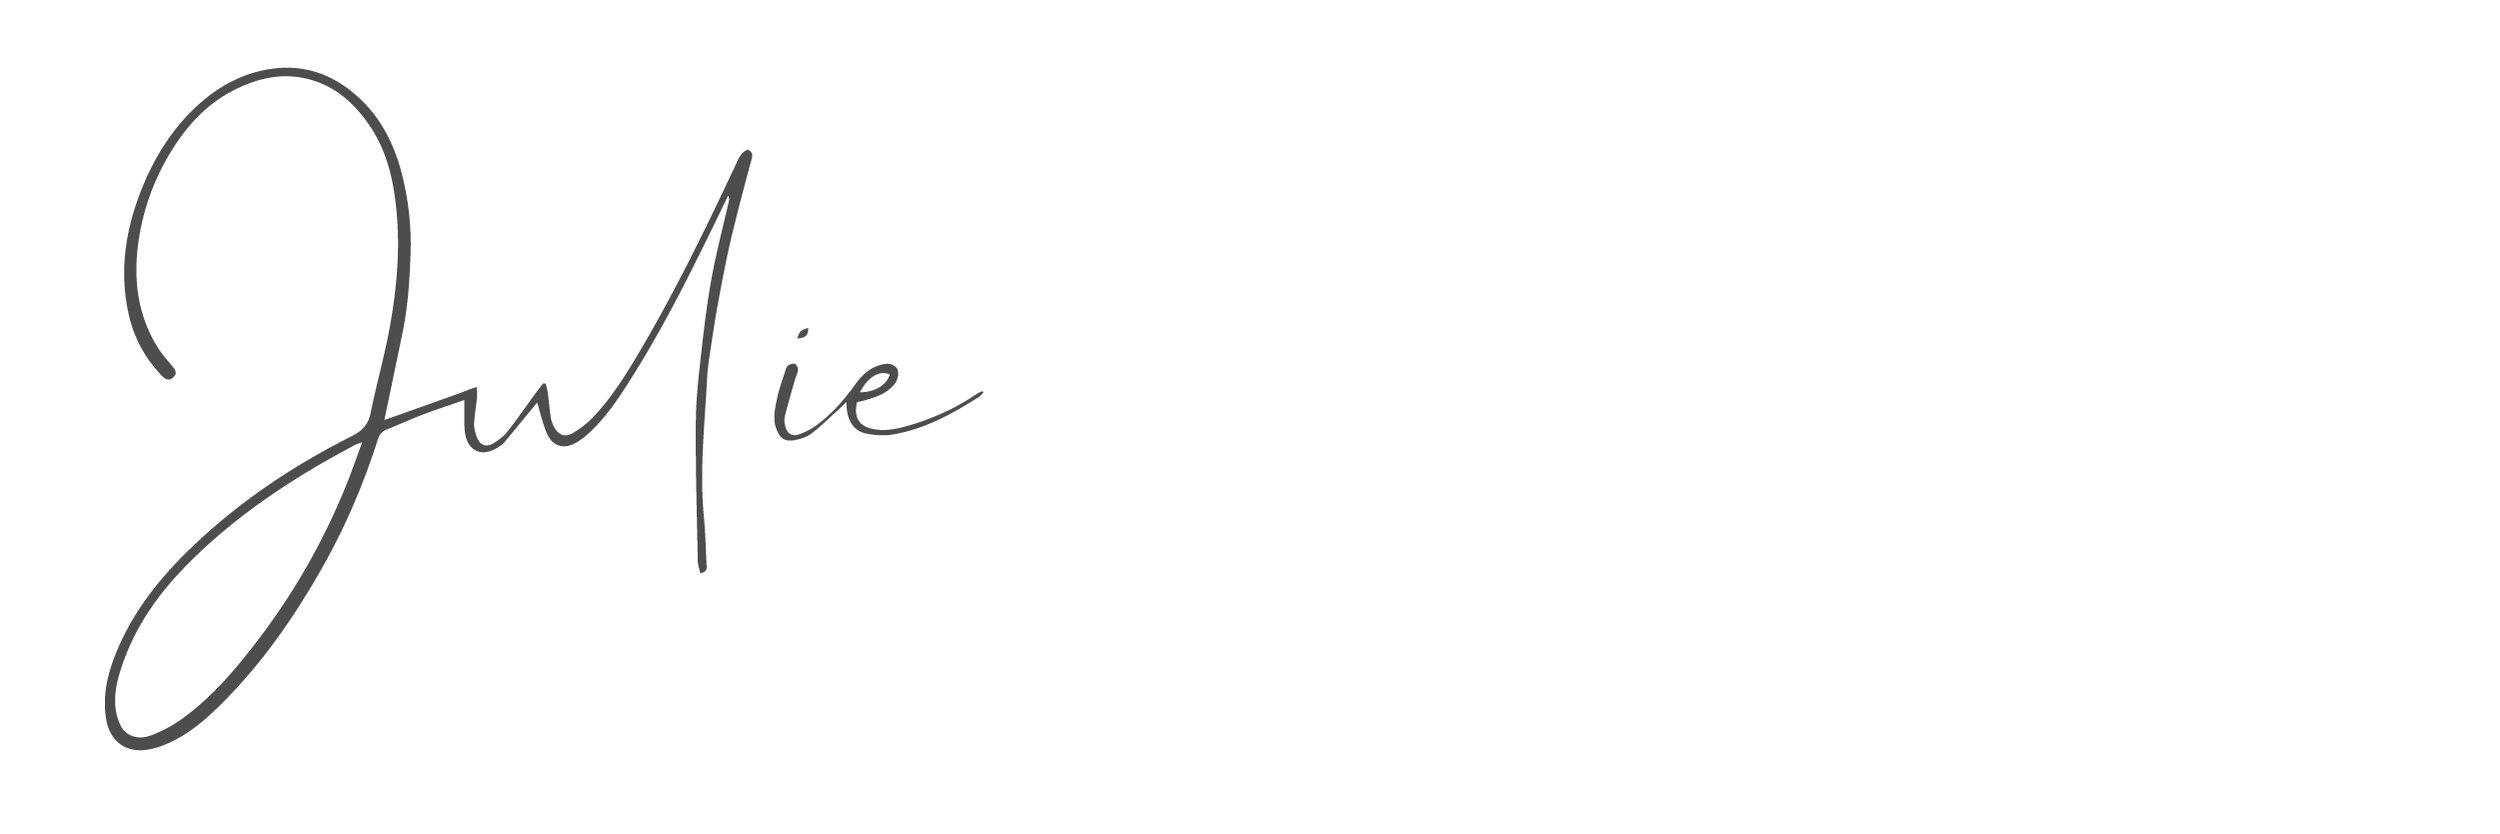 julie-nicholls-signature-spacer 2-36-36.jpg